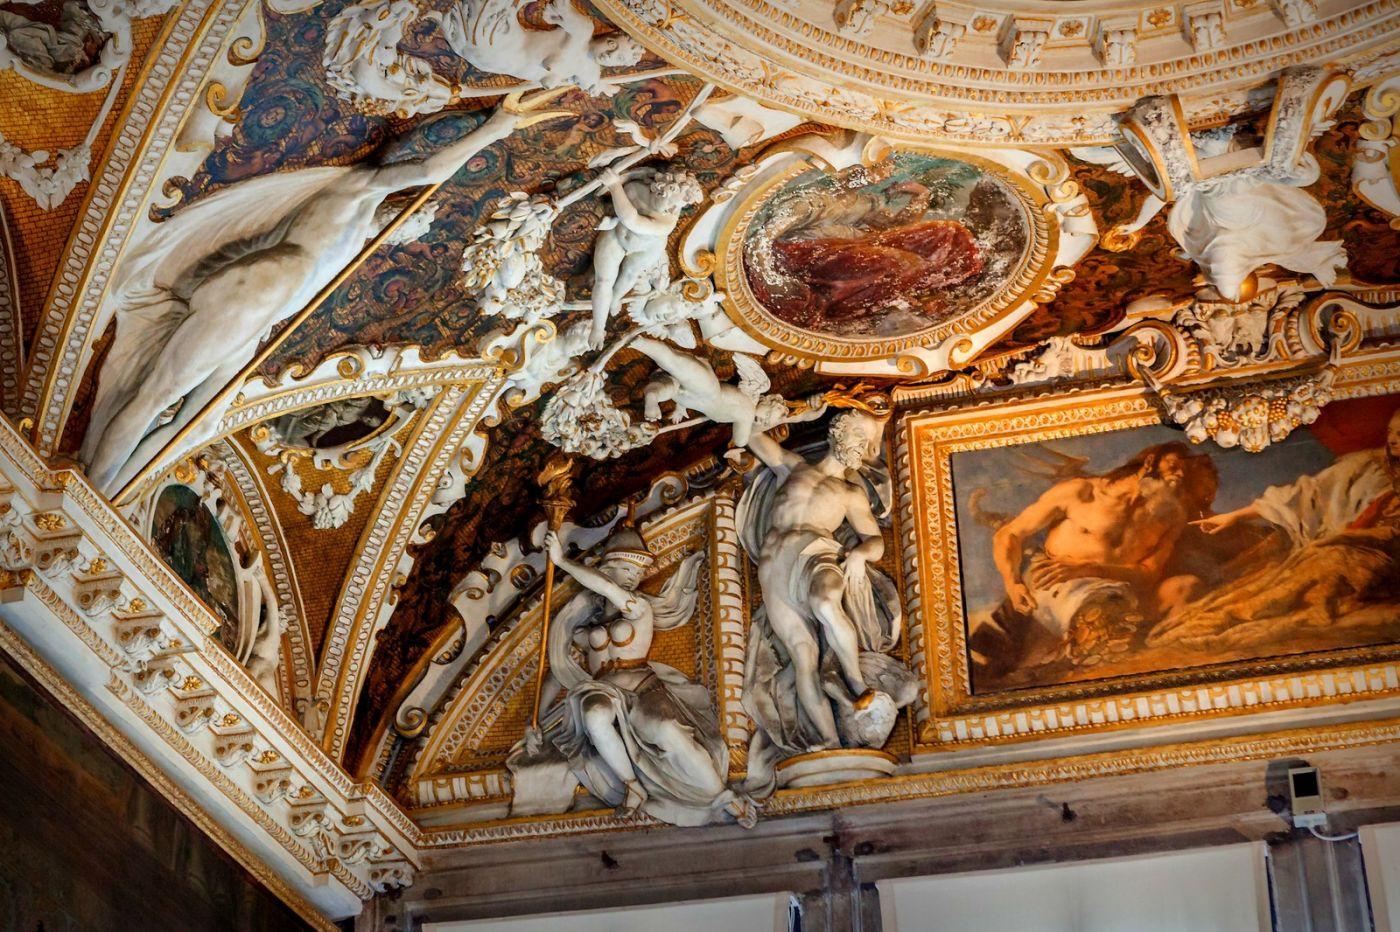 威尼斯圣马可大教堂(St Mark's Basilica), 精雕细琢的顶设_图1-33